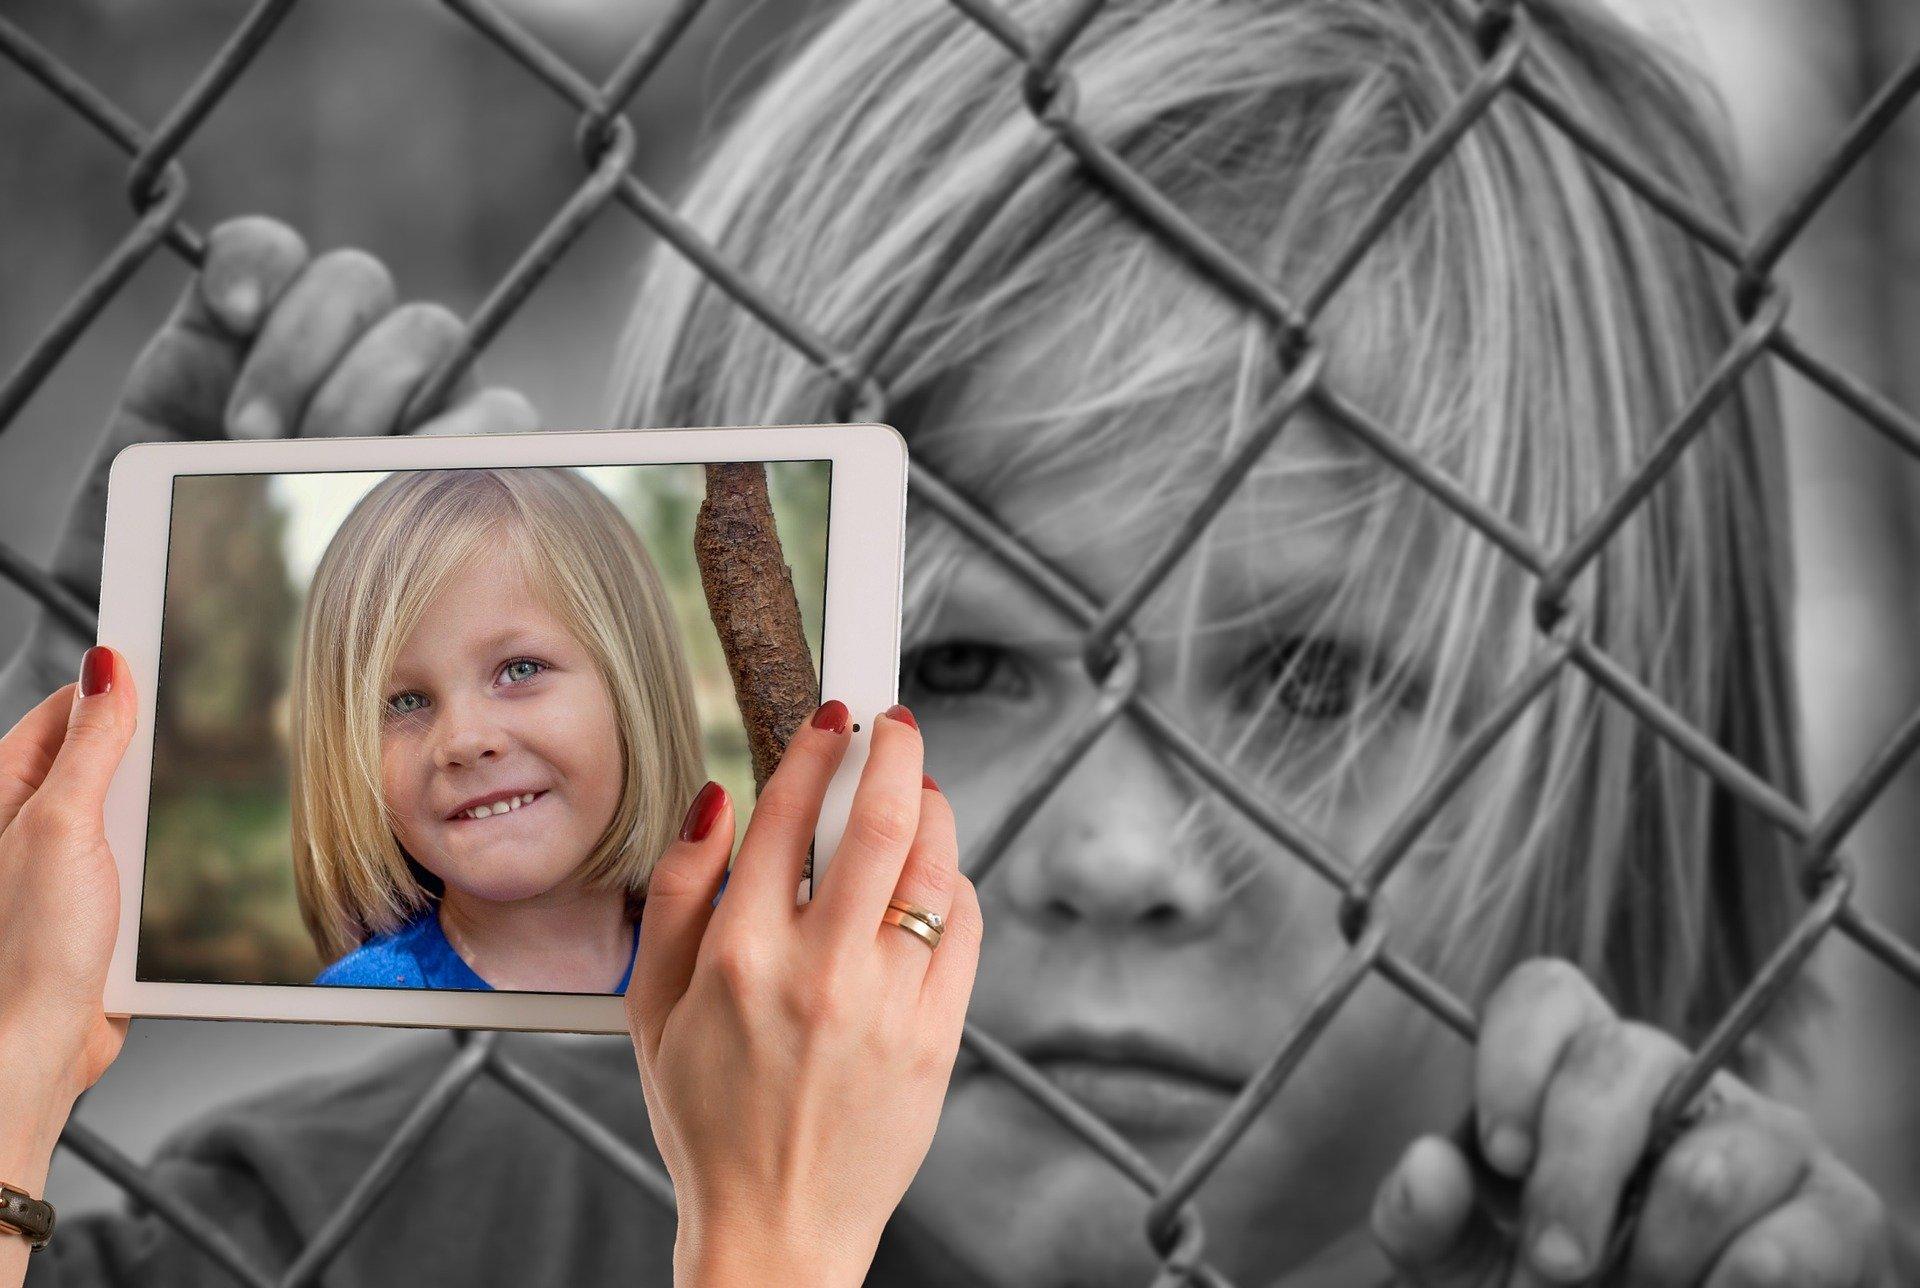 foto di una bambina che ride davanti alla bambina triste